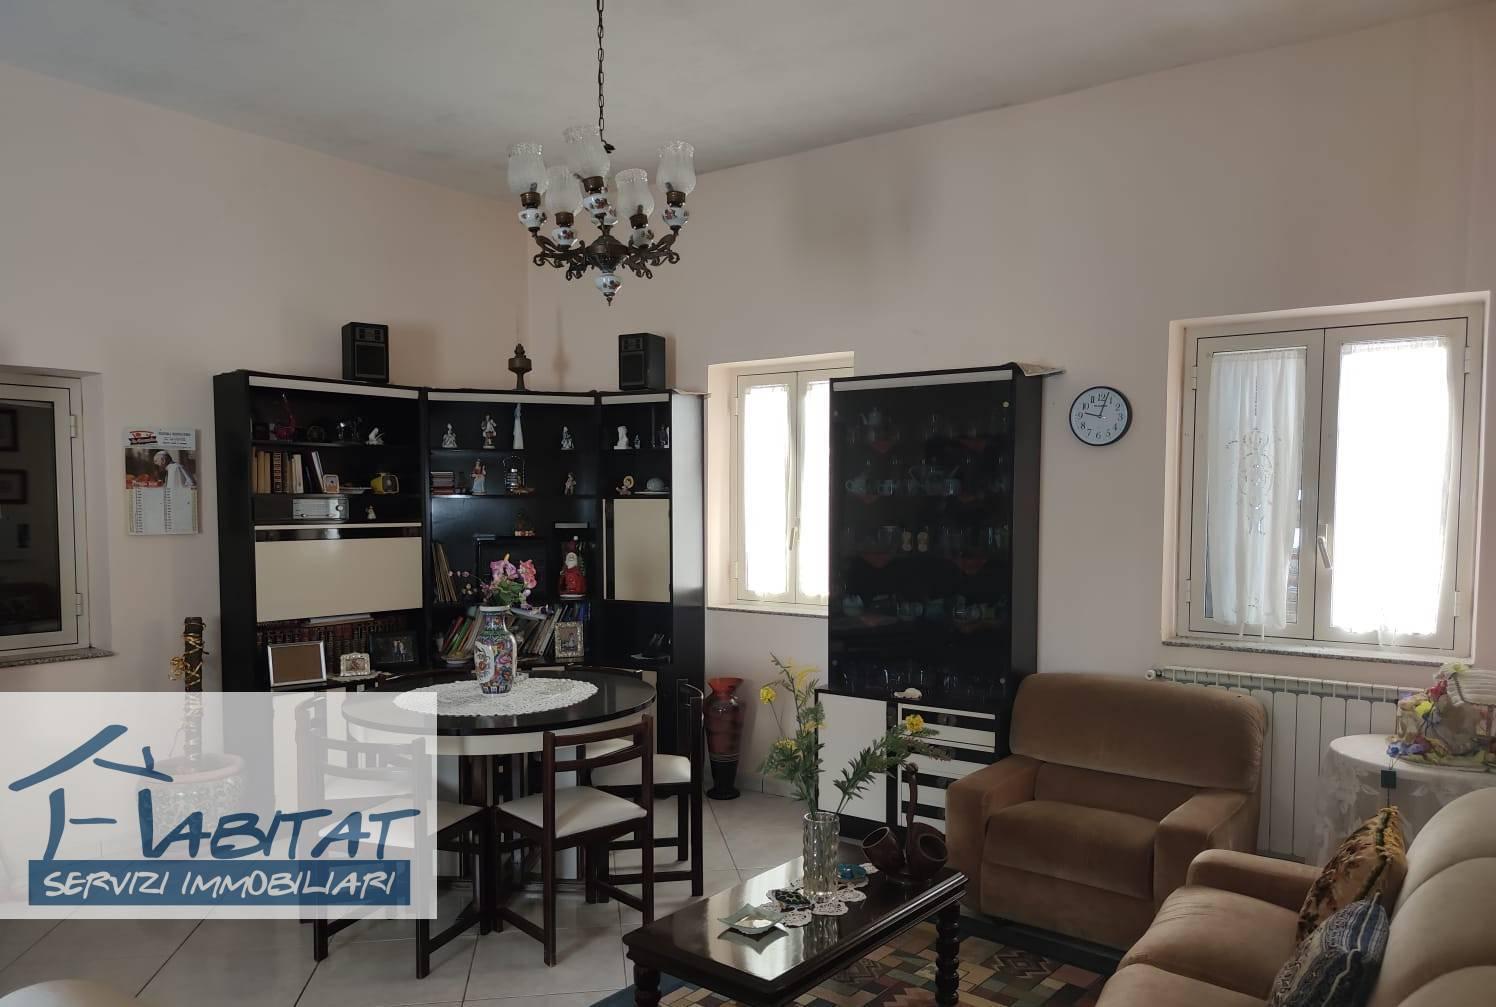 Appartamento in vendita a Agrigento, 4 locali, zona ro, prezzo € 120.000 | PortaleAgenzieImmobiliari.it